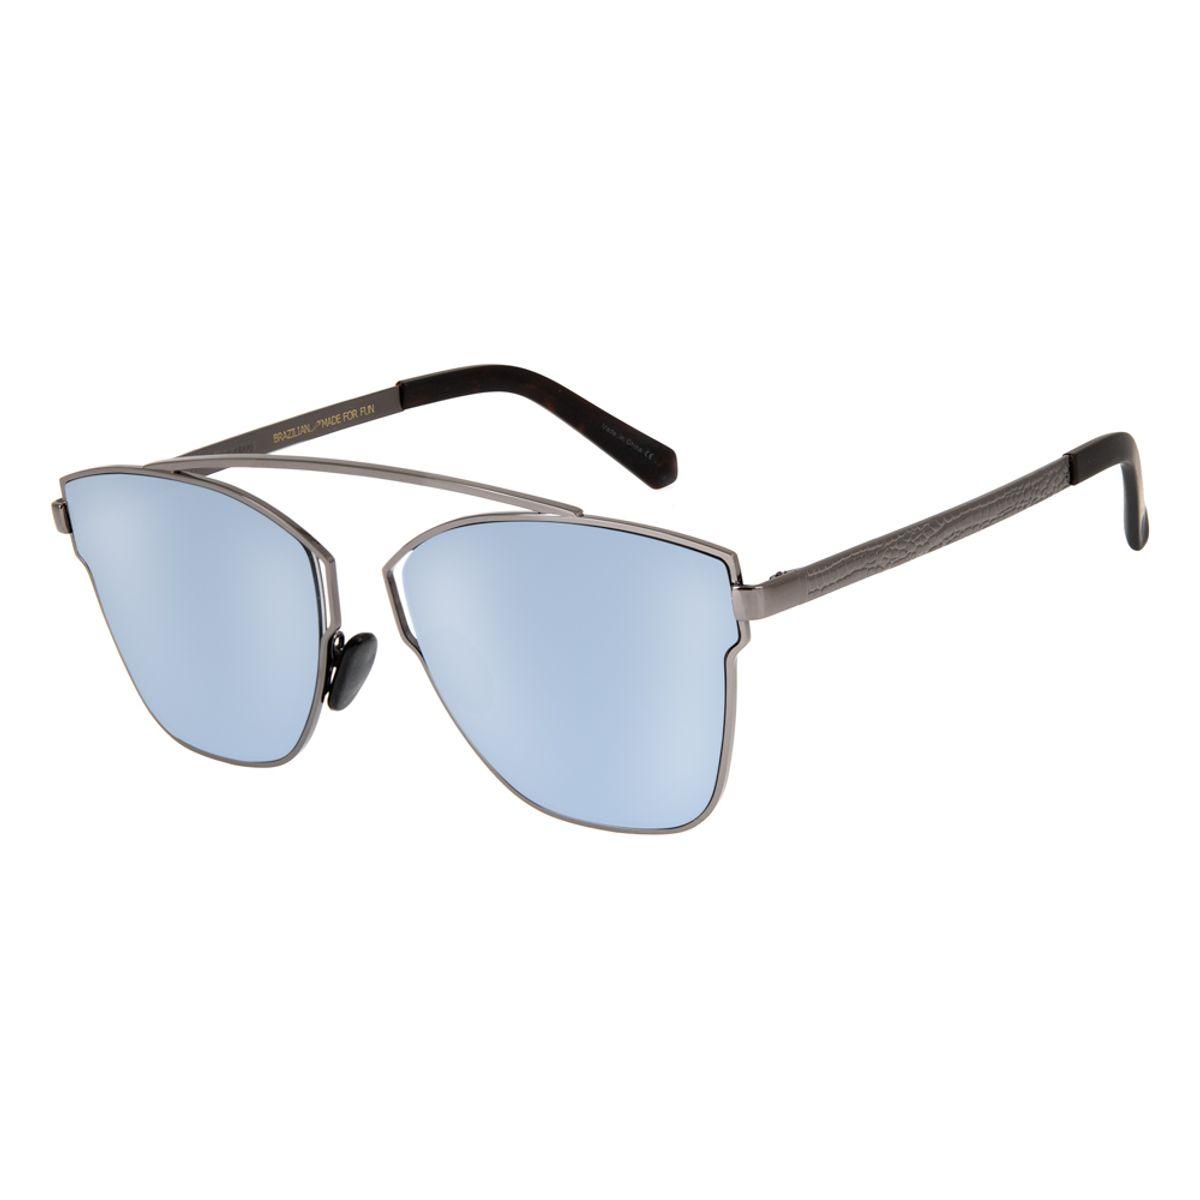 4370c5a00 Óculos de Sol Redondo Feminino Chilli Beans Blk Metal Ônix 2634 ...